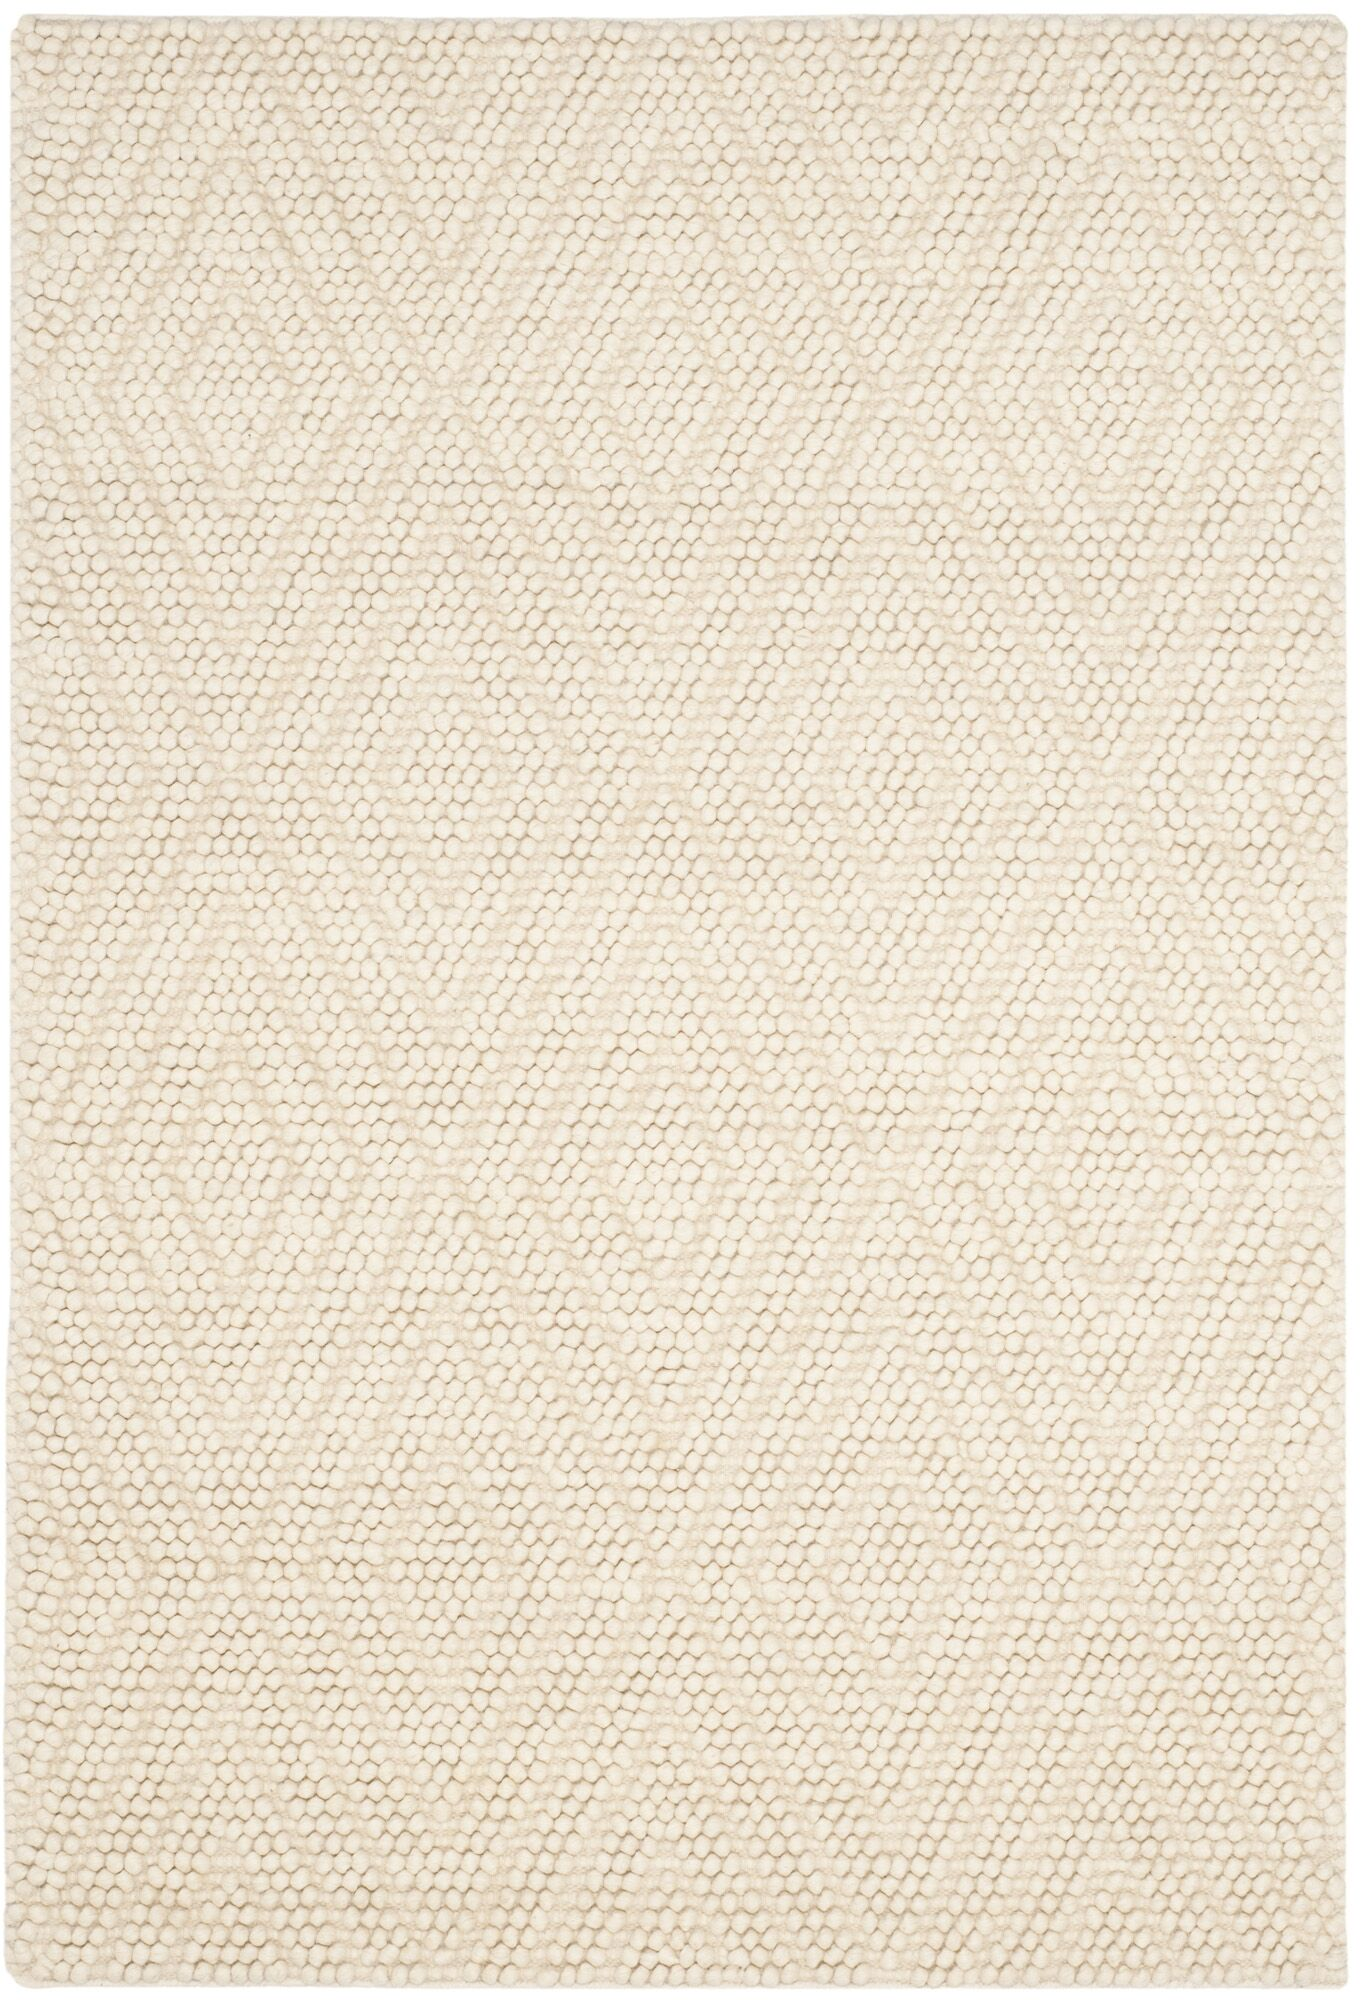 Bathild Hand-Tufted Ivory Area Rug Rug Size: Rectangle 9' x 12'